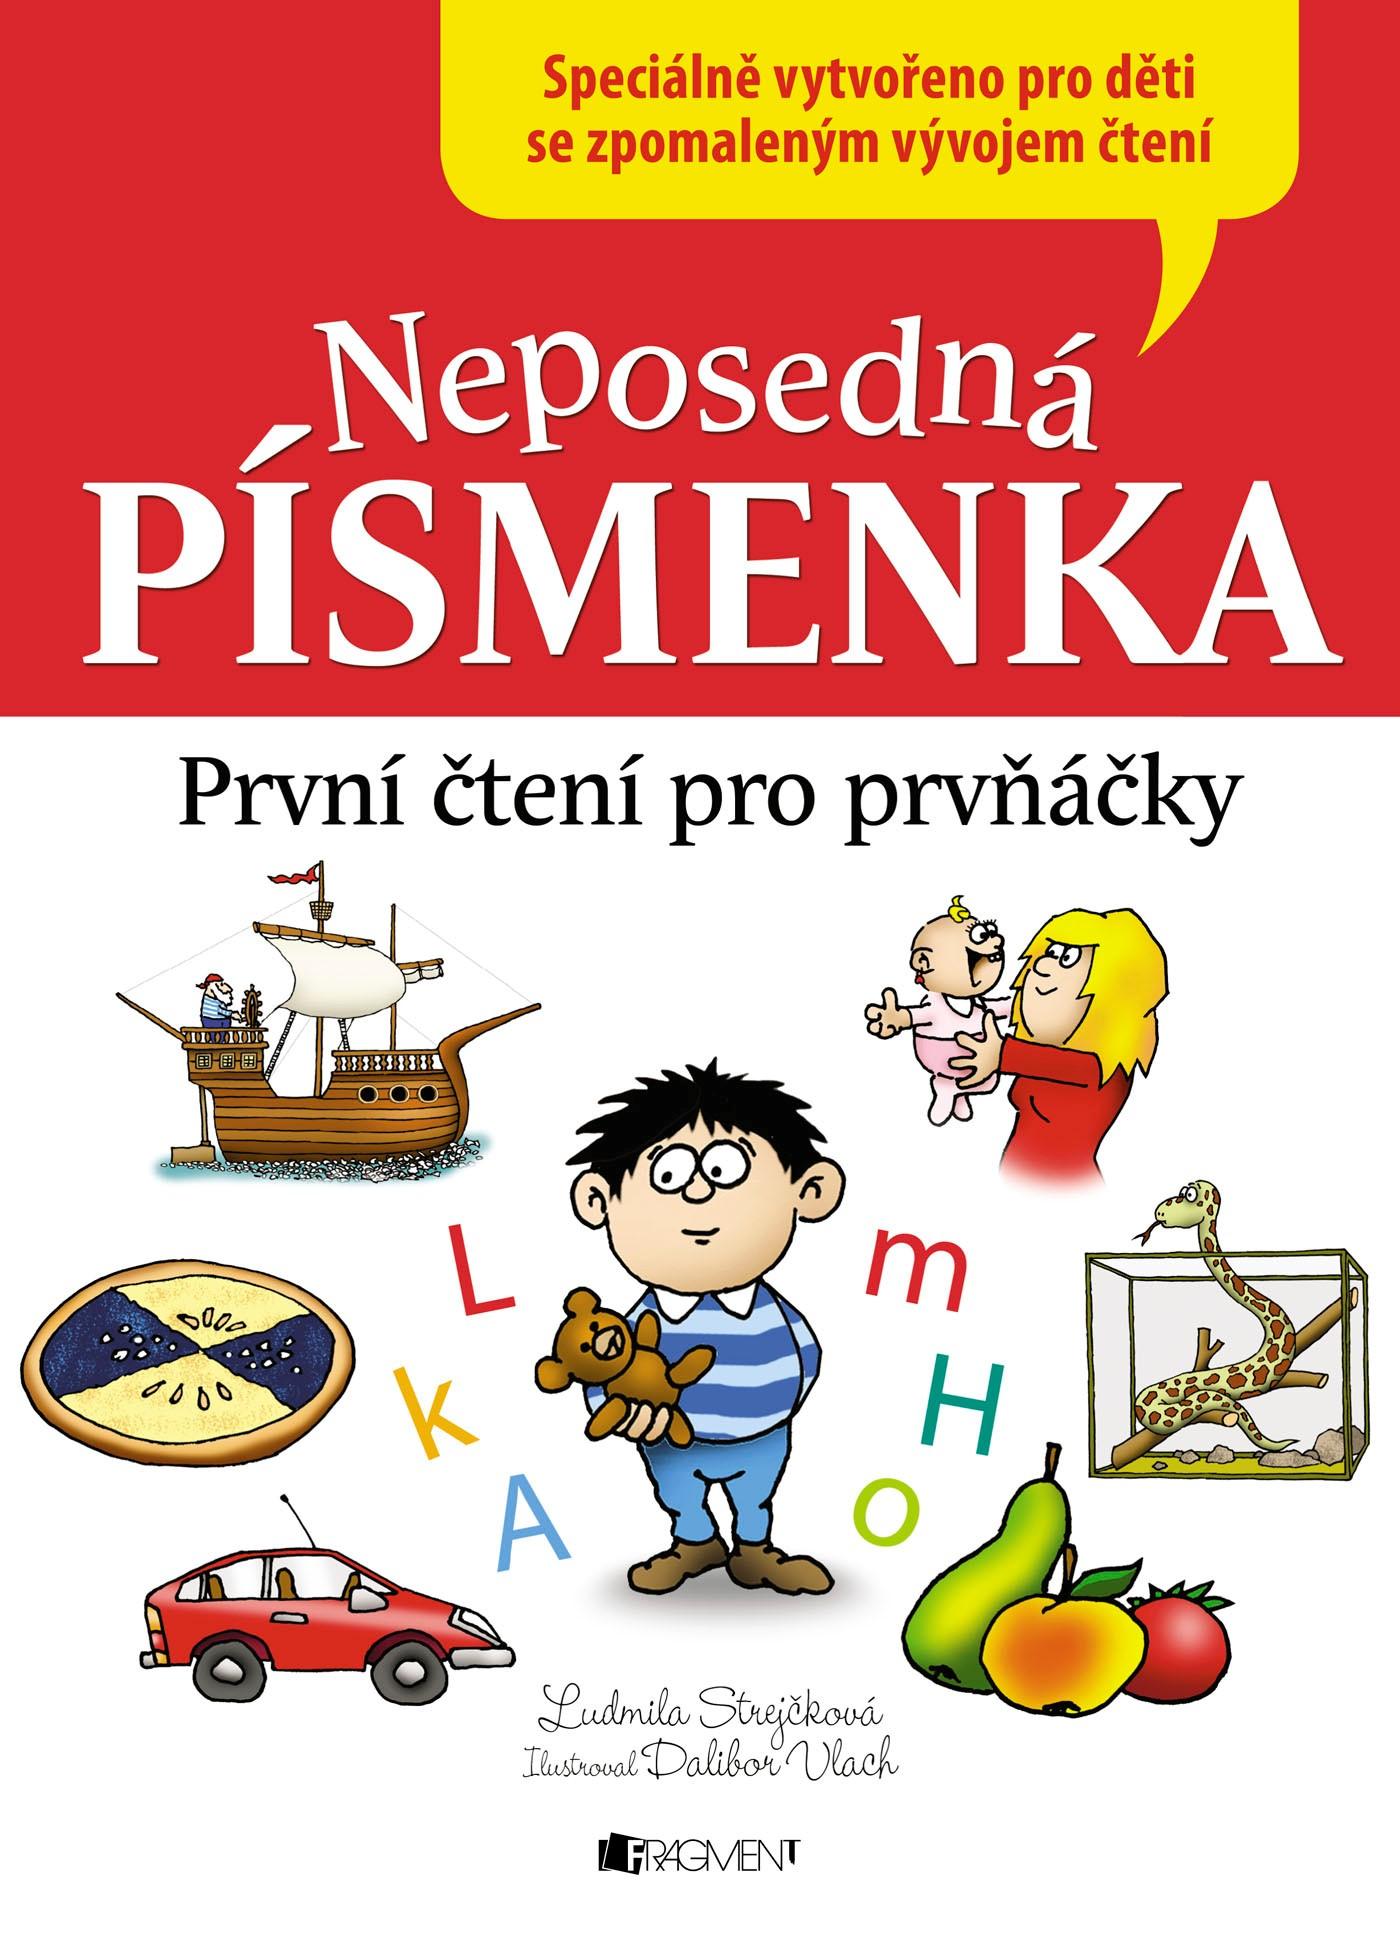 Neposedná písmenka – První čtení pro prvňáčky | Ludmila Strejčková